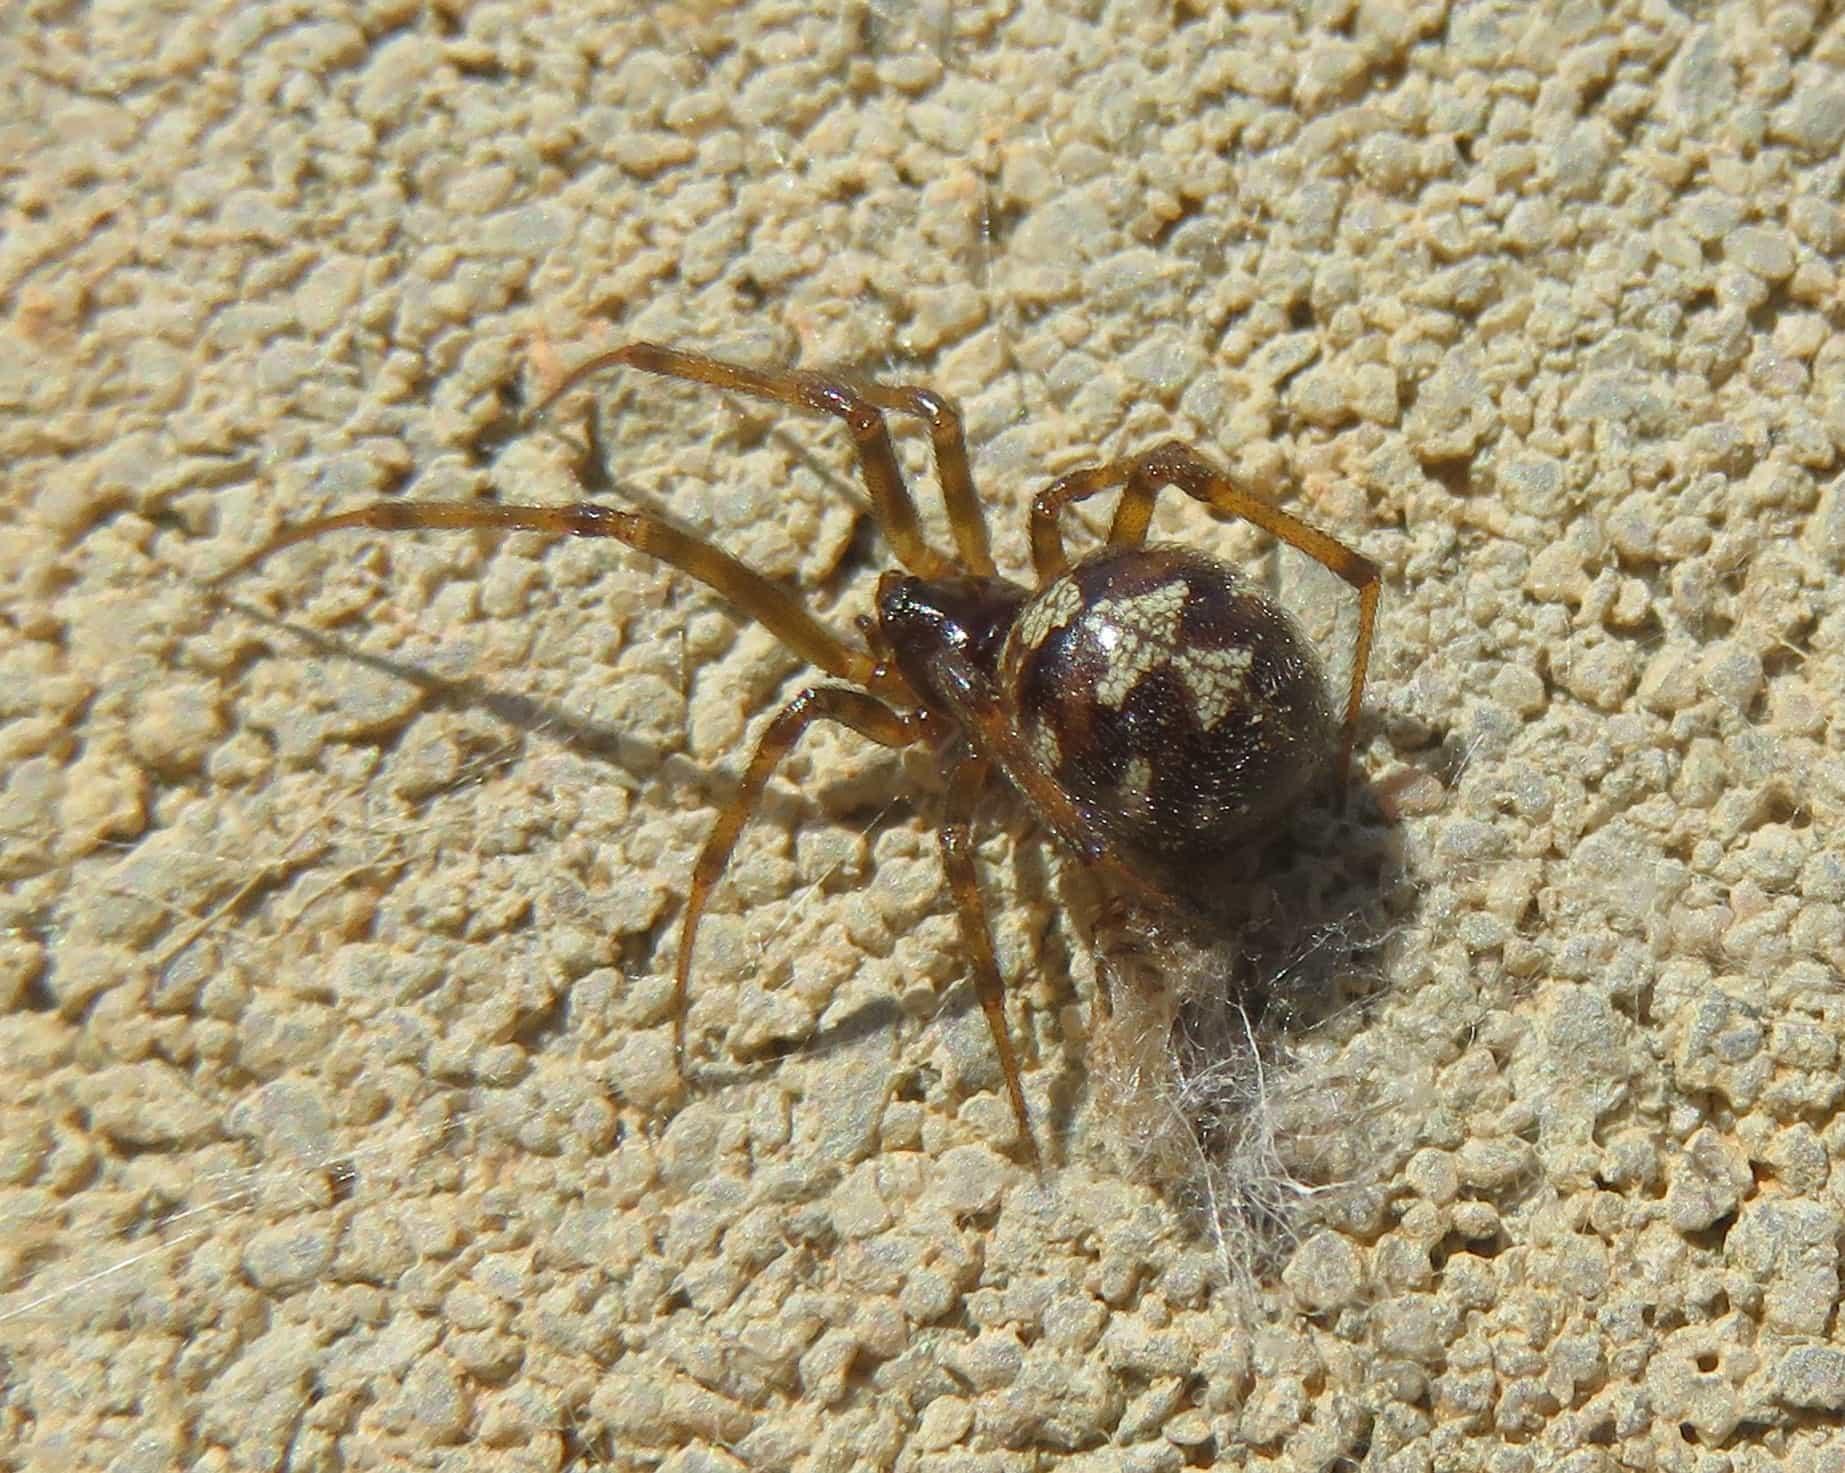 Picture of Steatoda triangulosa (Triangulate Cobweb Spider) - Female - Dorsal